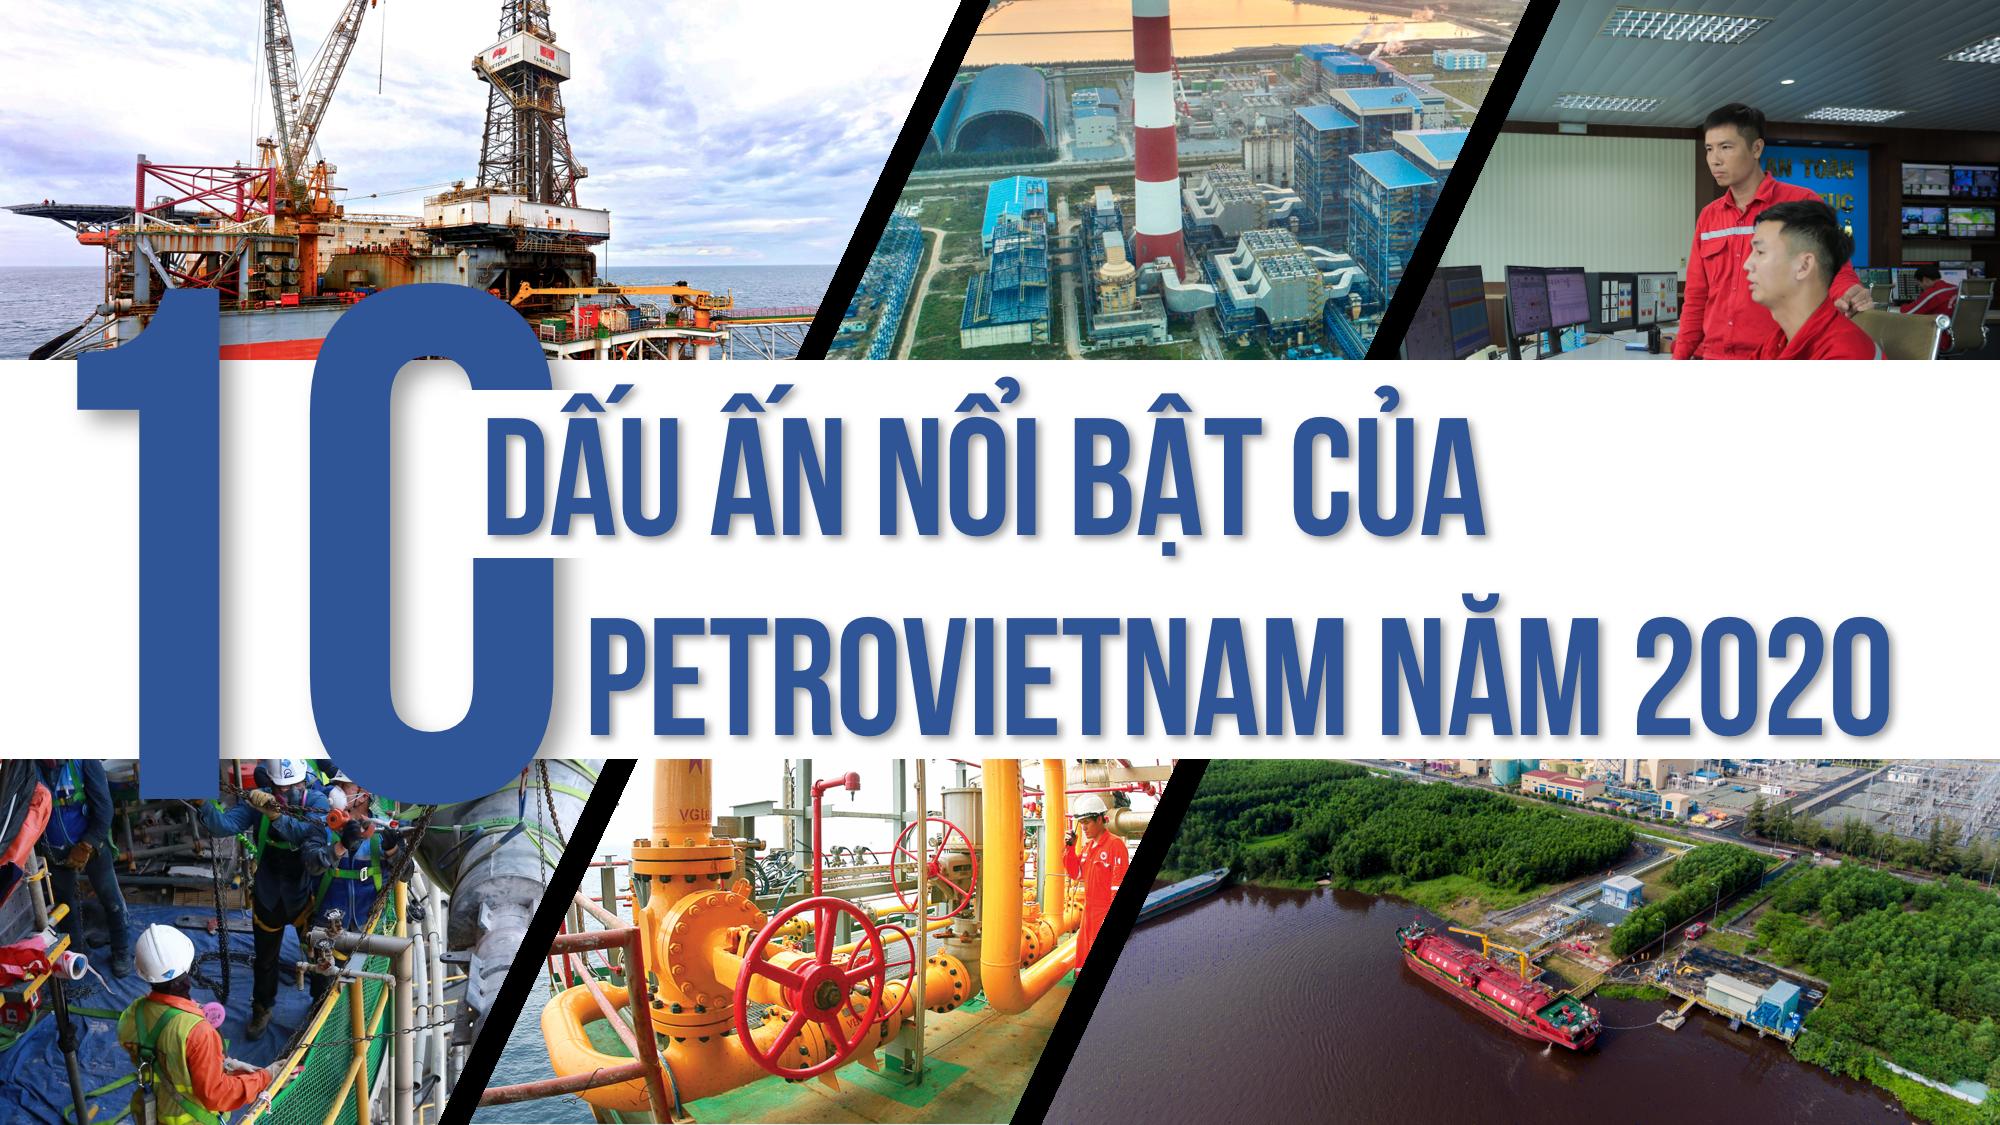 [E-Magazine] 10 dấu ấn nổi bật của Petrovietnam năm 2020